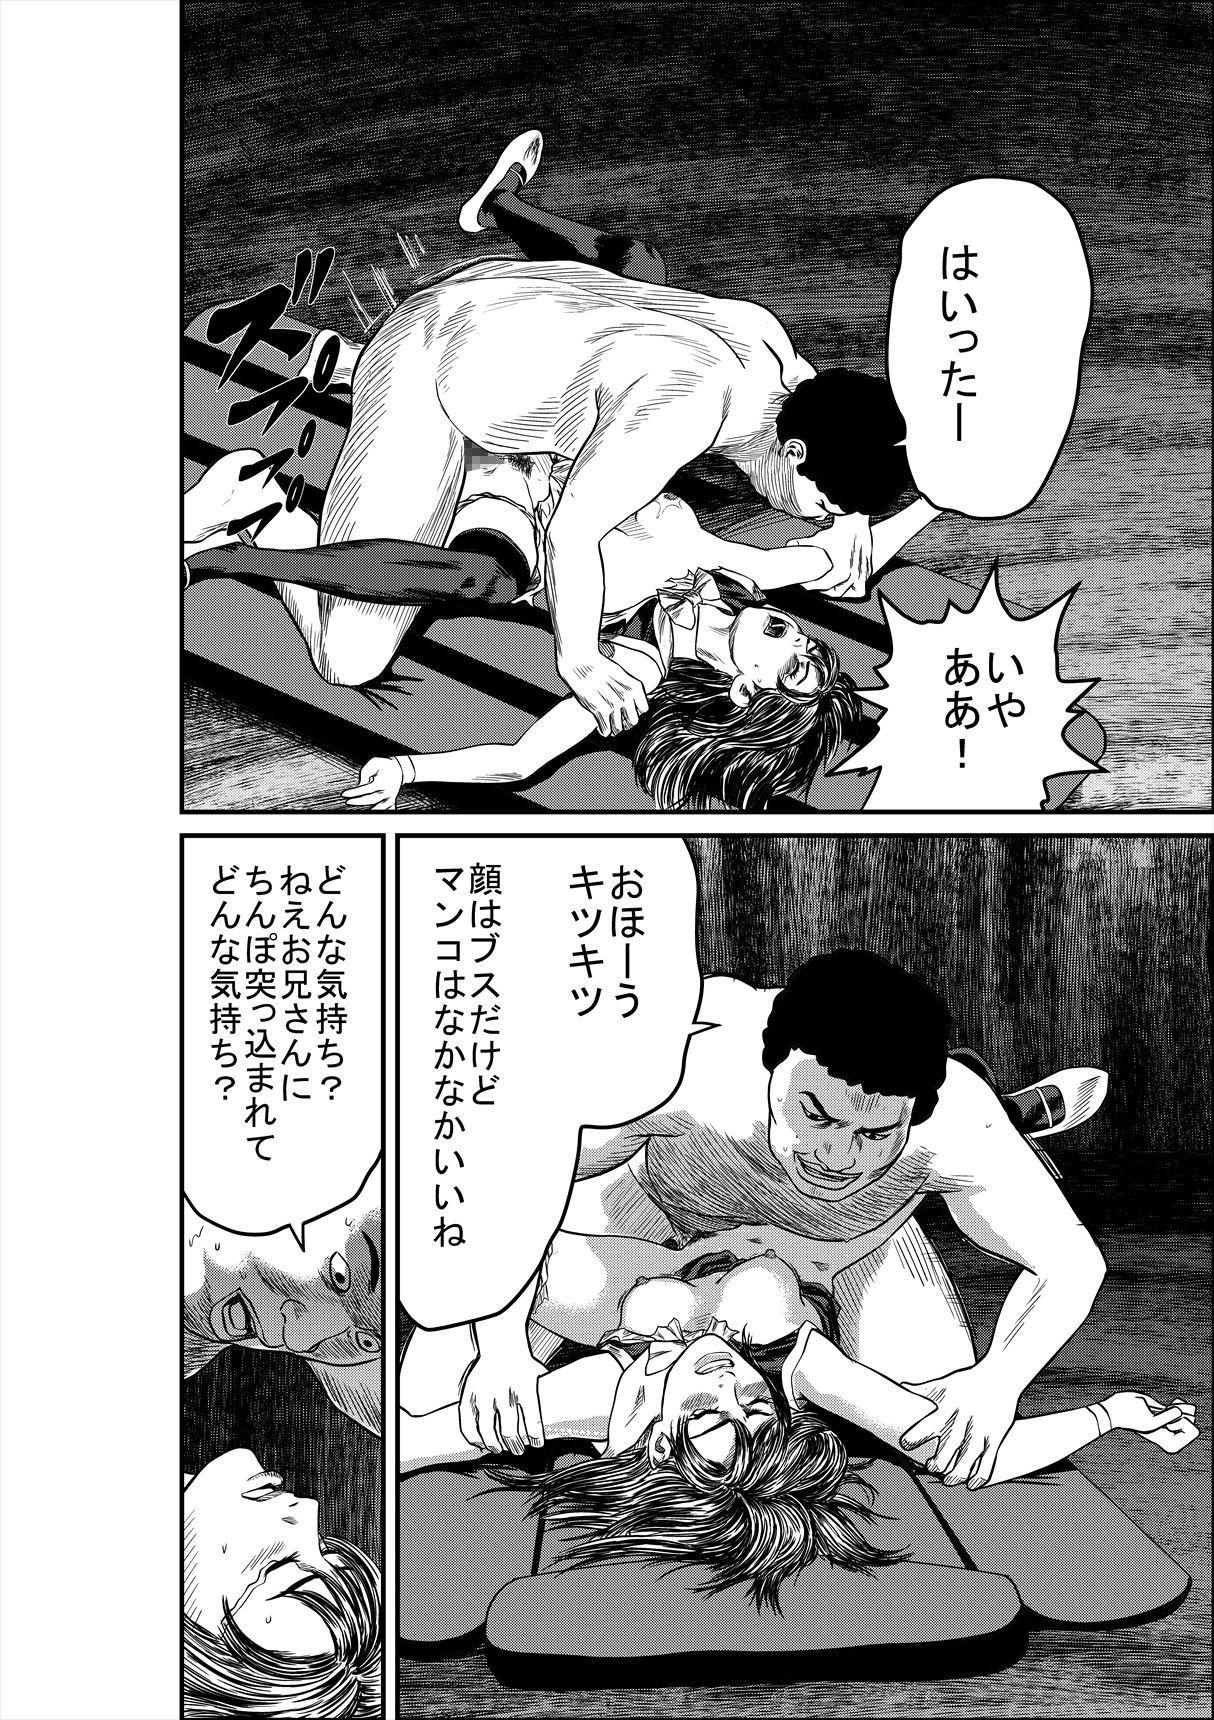 アイドル監禁○辱